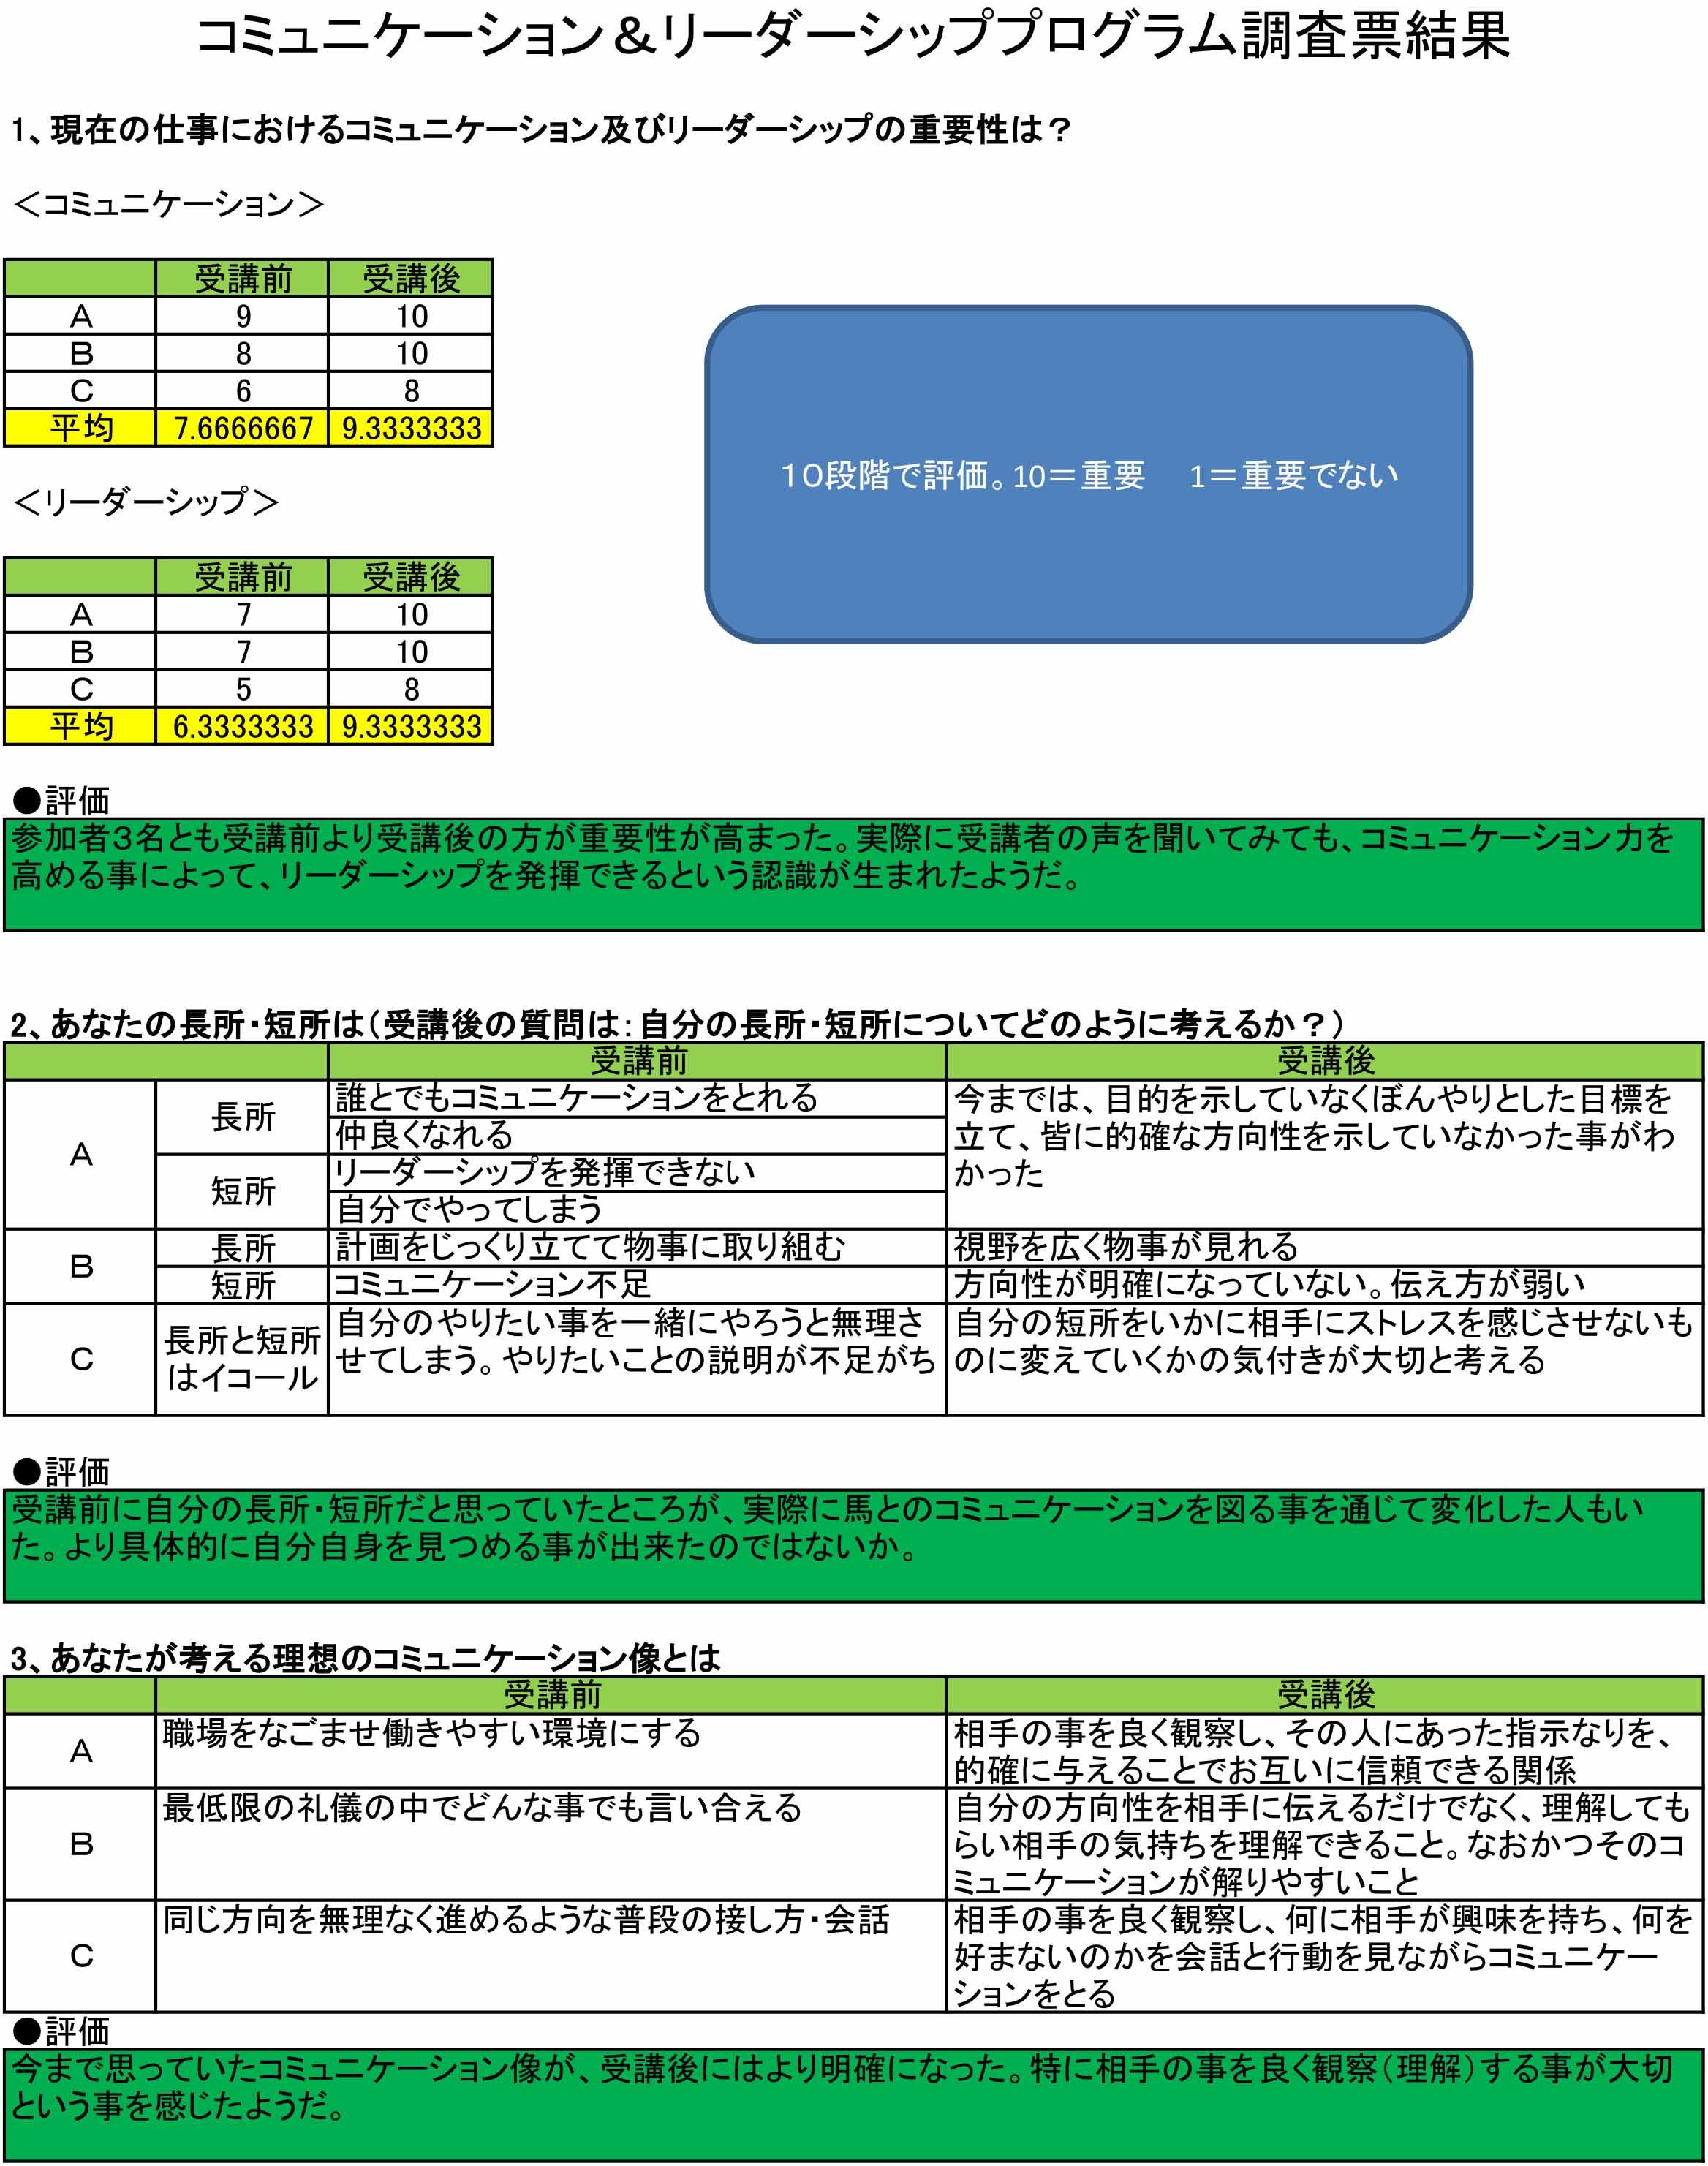 コミュニケーション&リーダーシッププログラム調査票結果(外部用)-1